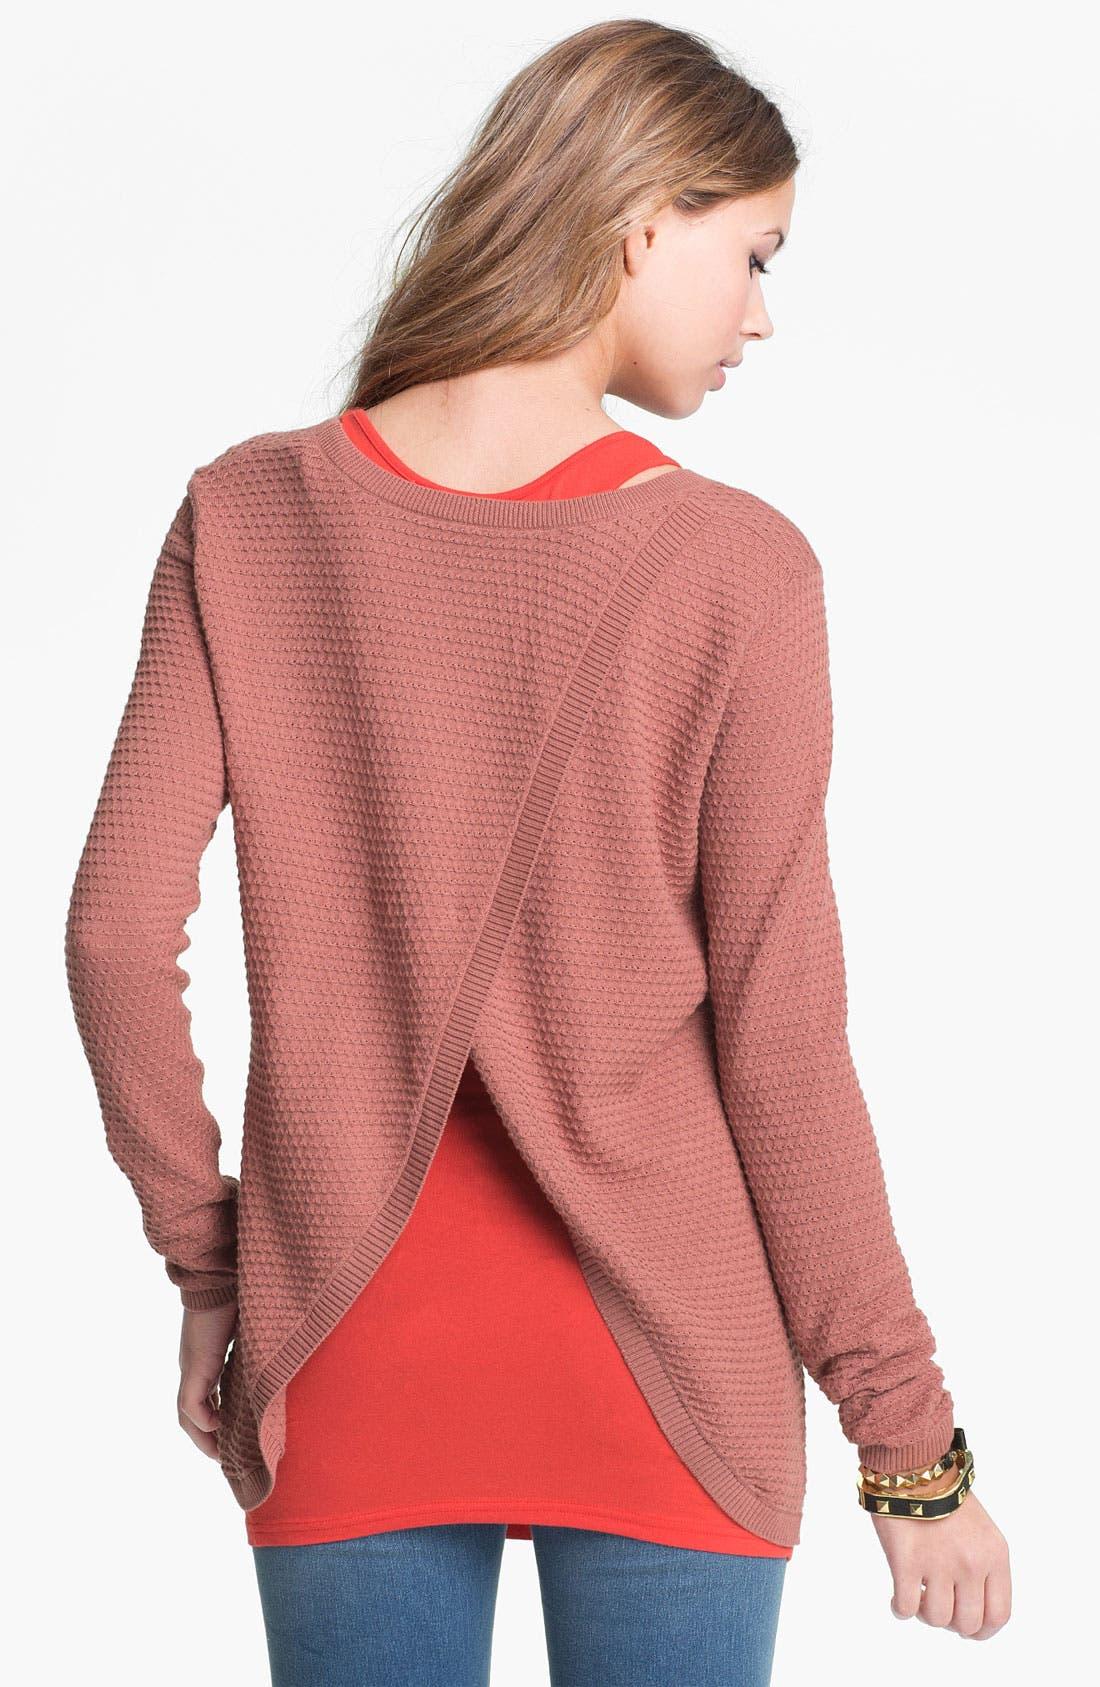 Alternate Image 1 Selected - Frenchi® Split Back Pointelle Sweater (Juniors)